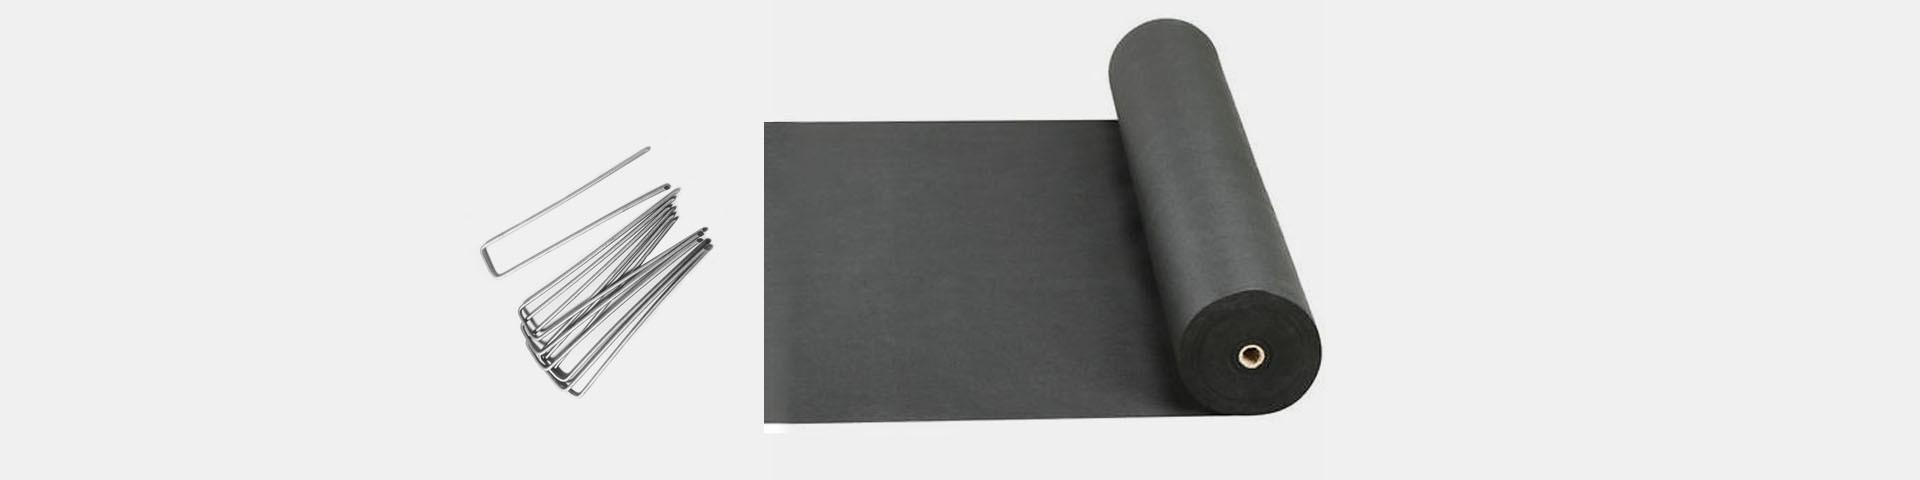 Accessoires de Pose et de Fixation pour Gazon Synthétique